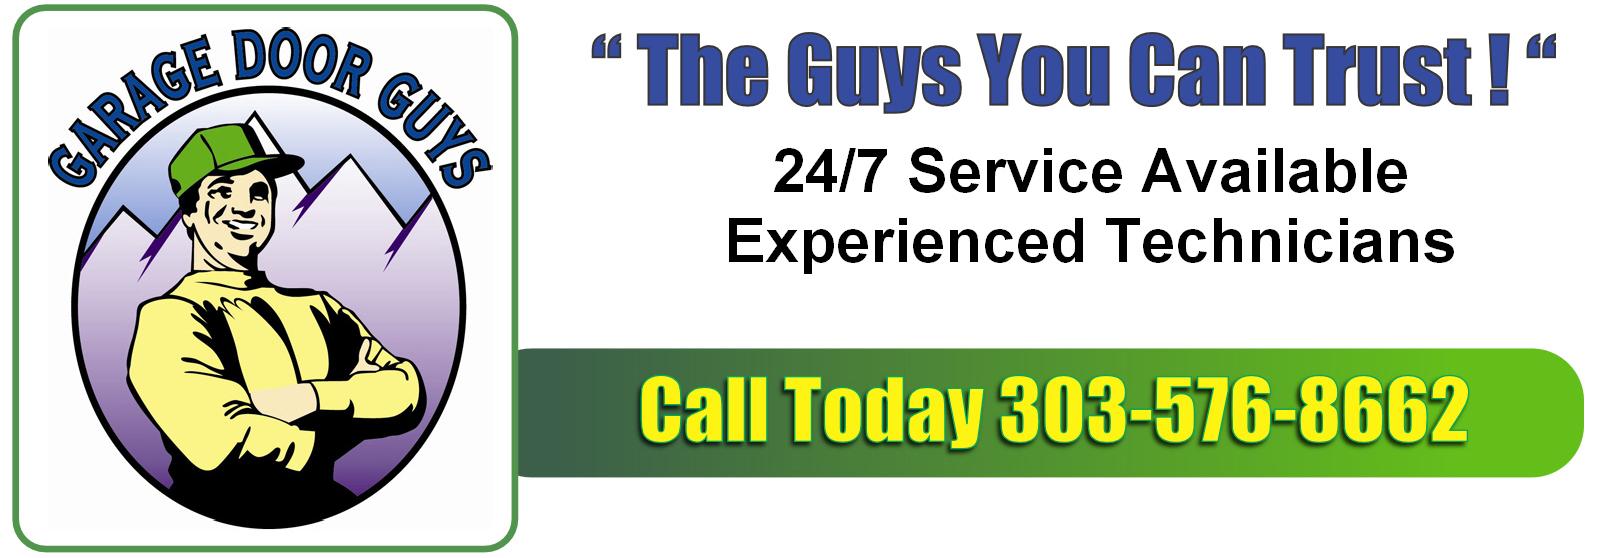 Denver Garage door Guys | Garage Door Repair, Installation, and Maintenance | Serving Colorado